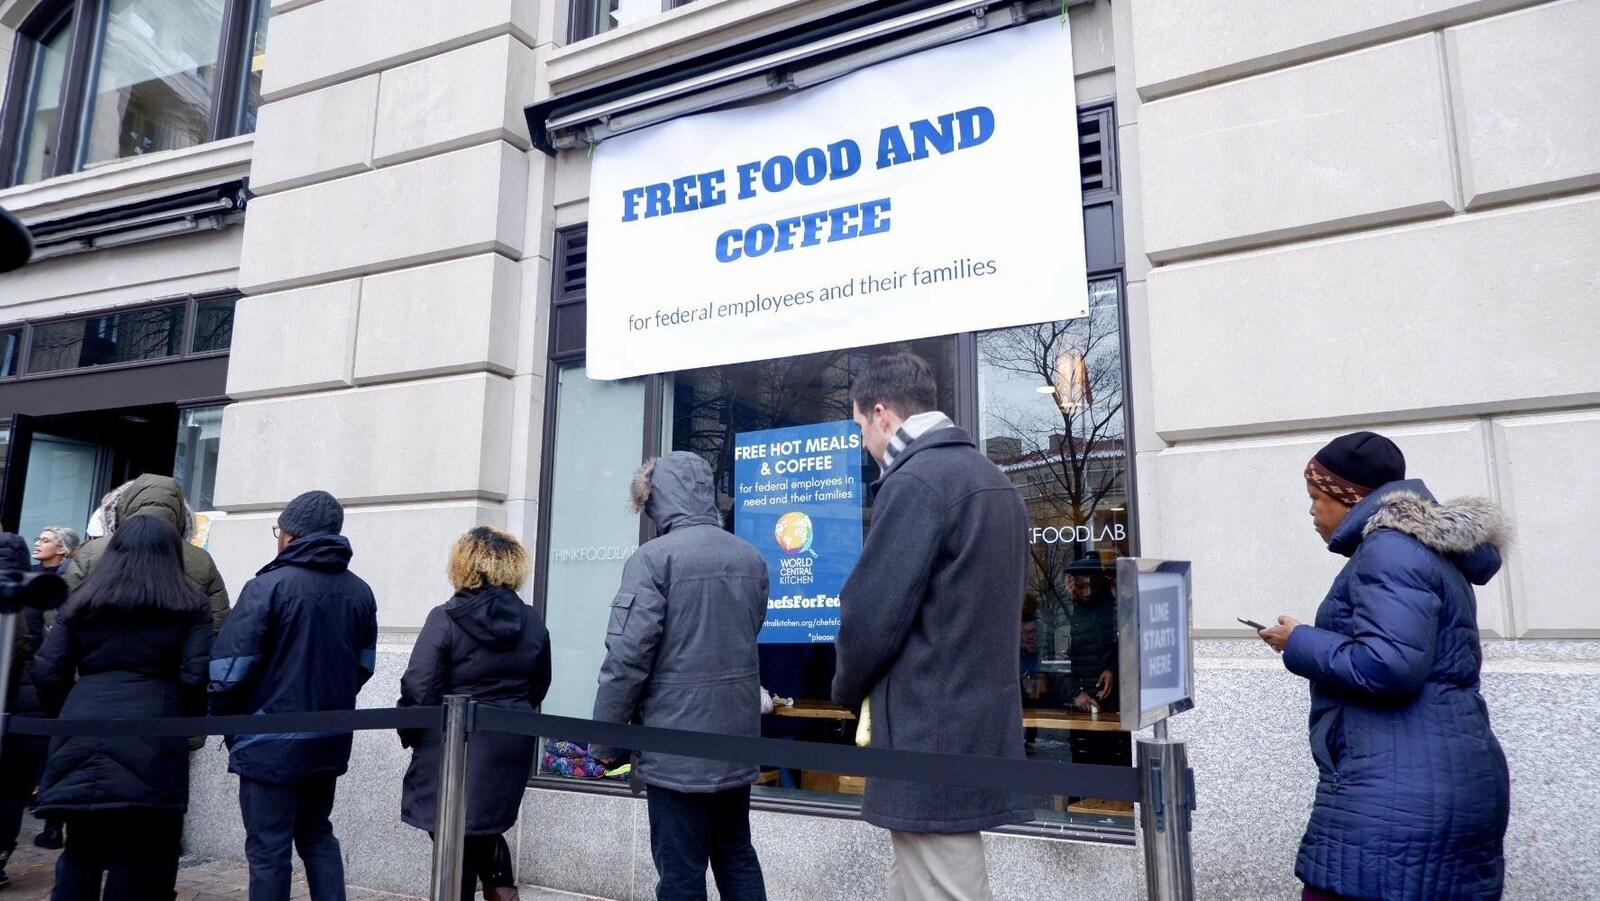 Des employés fédéraux attendent de recevoir un repas gratuit, au centre-ville de Washington.